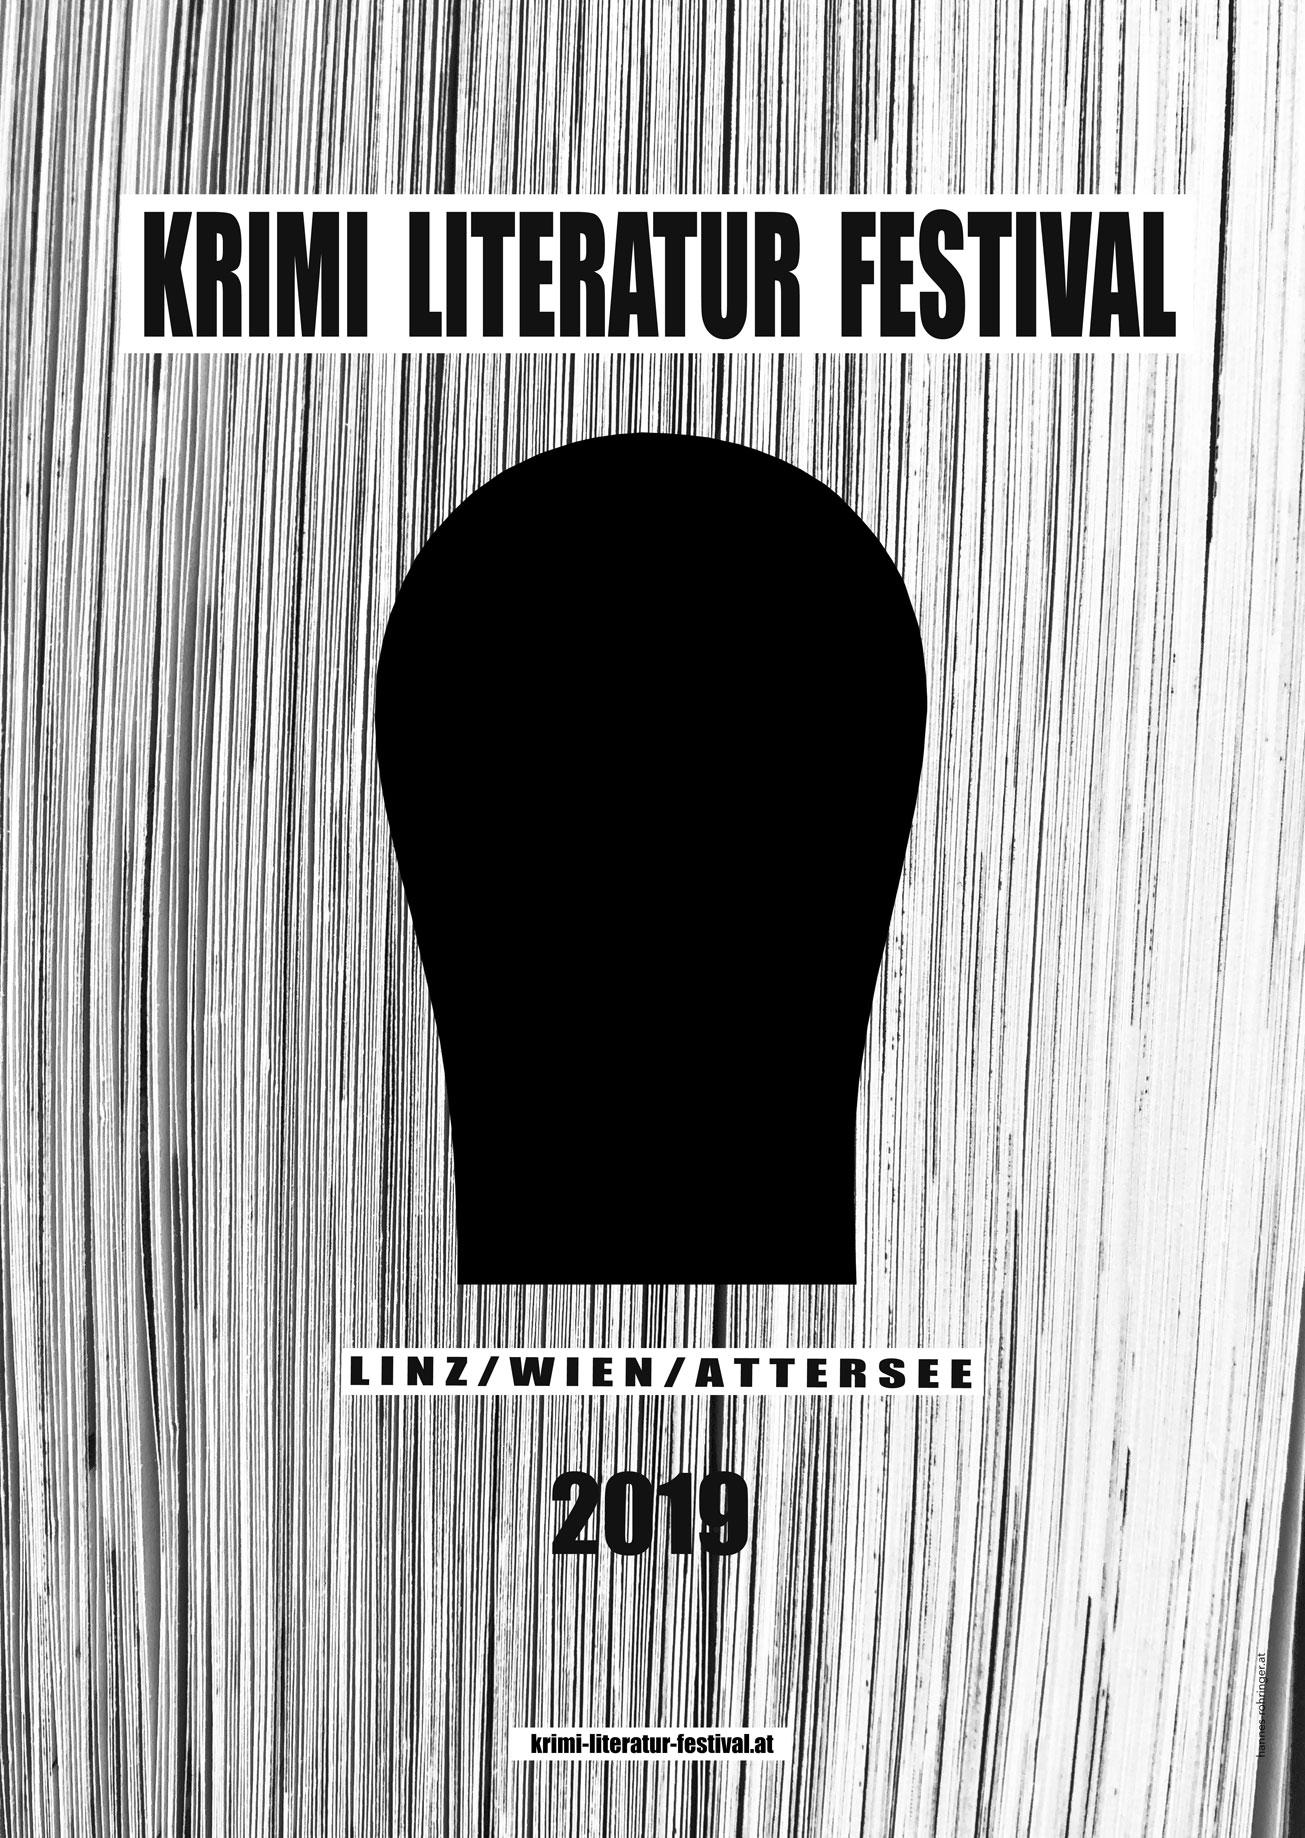 Plakat, 2019, Krimi Literatur Festival